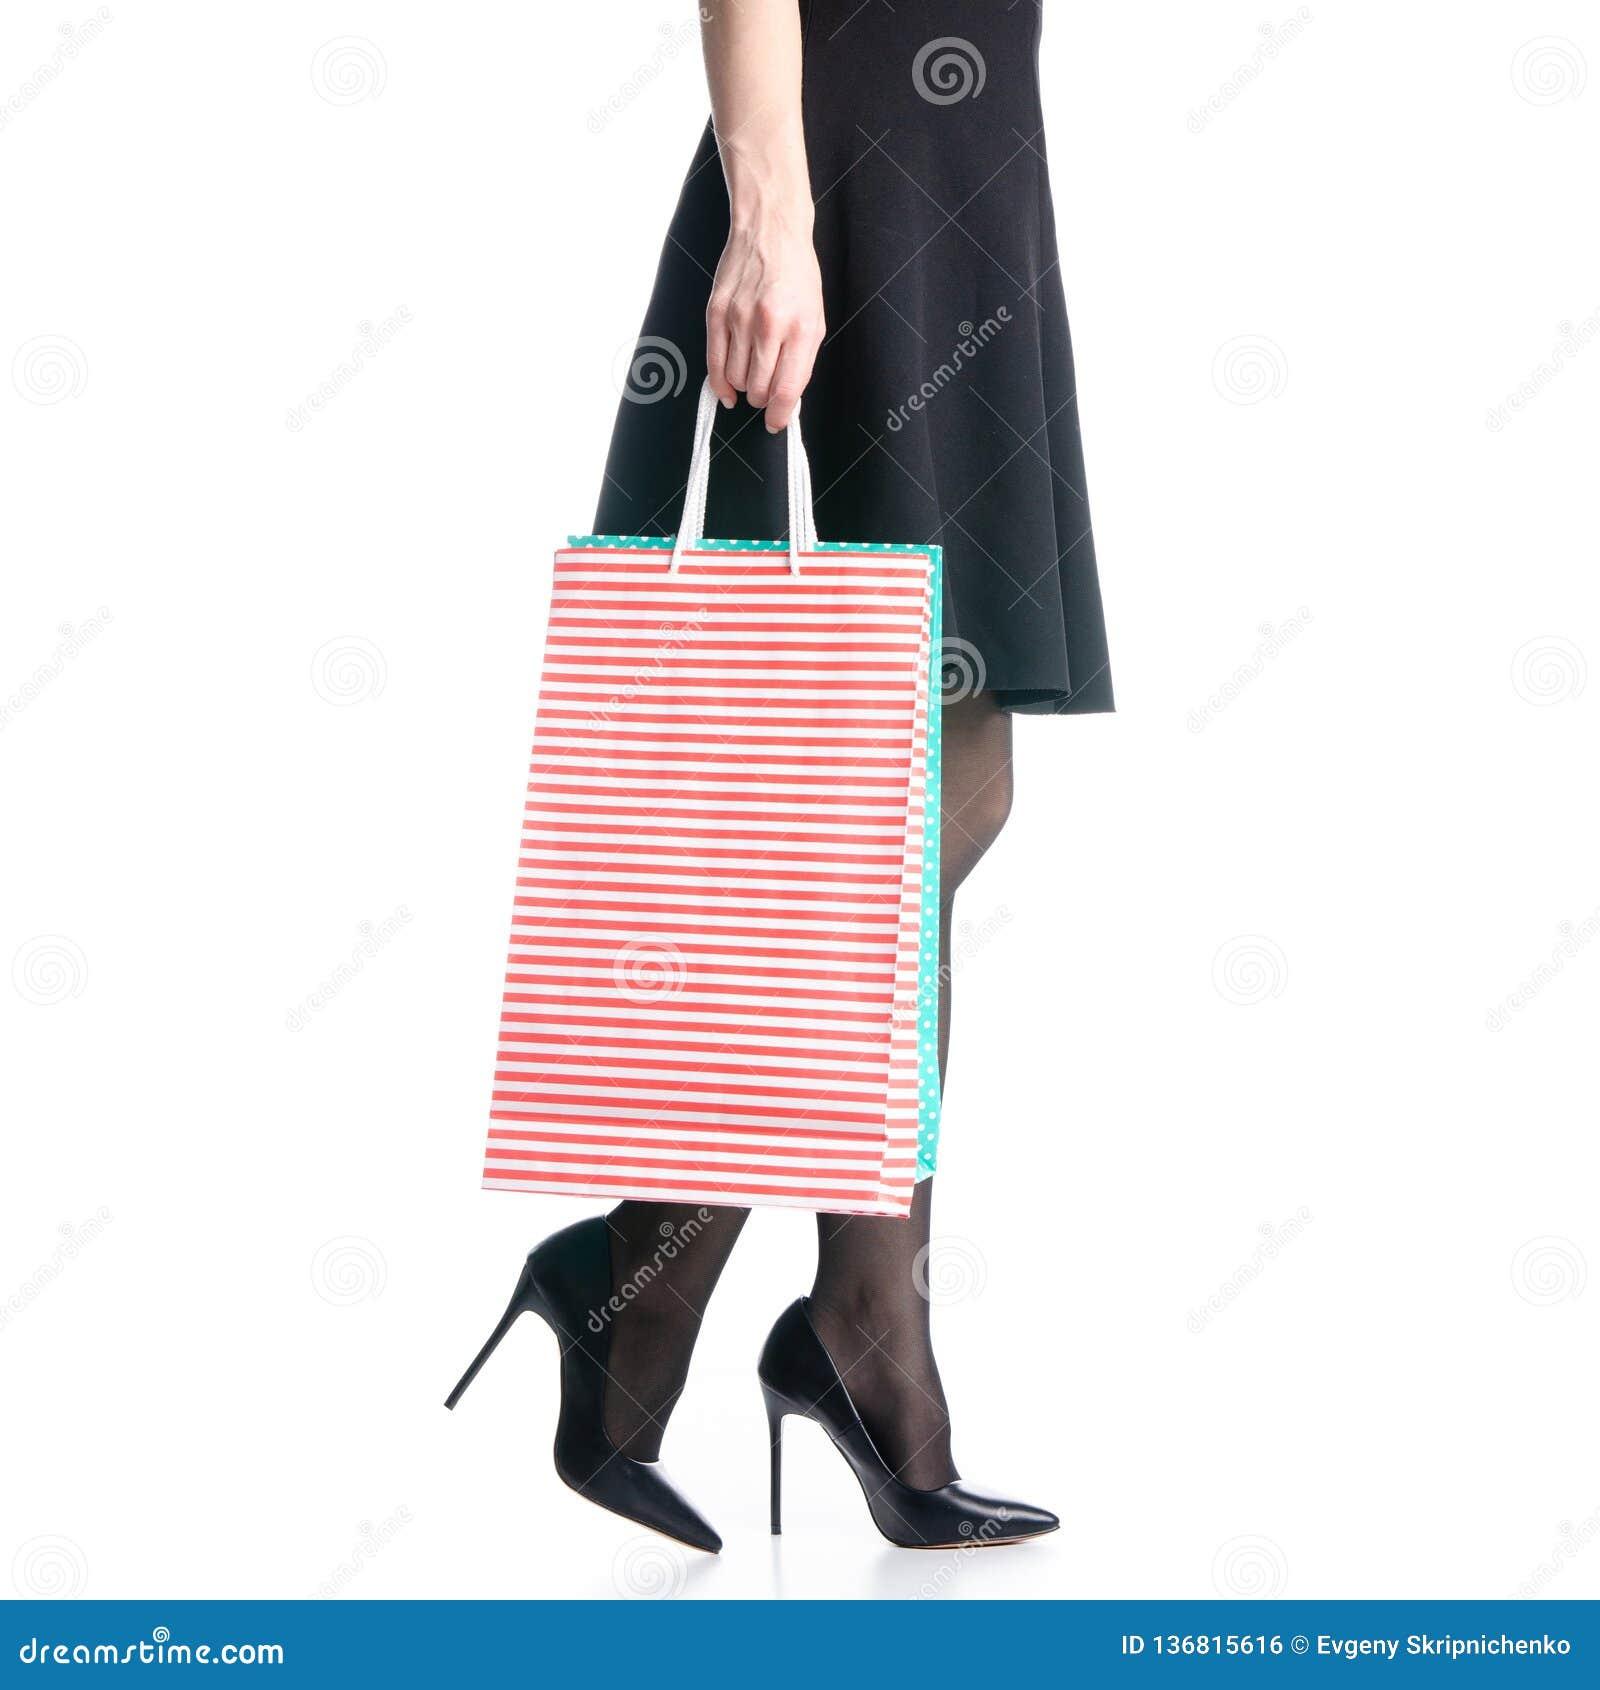 Kvinnliga ben i svarta skopåsar för höga häl förpackar svart kjolmode går